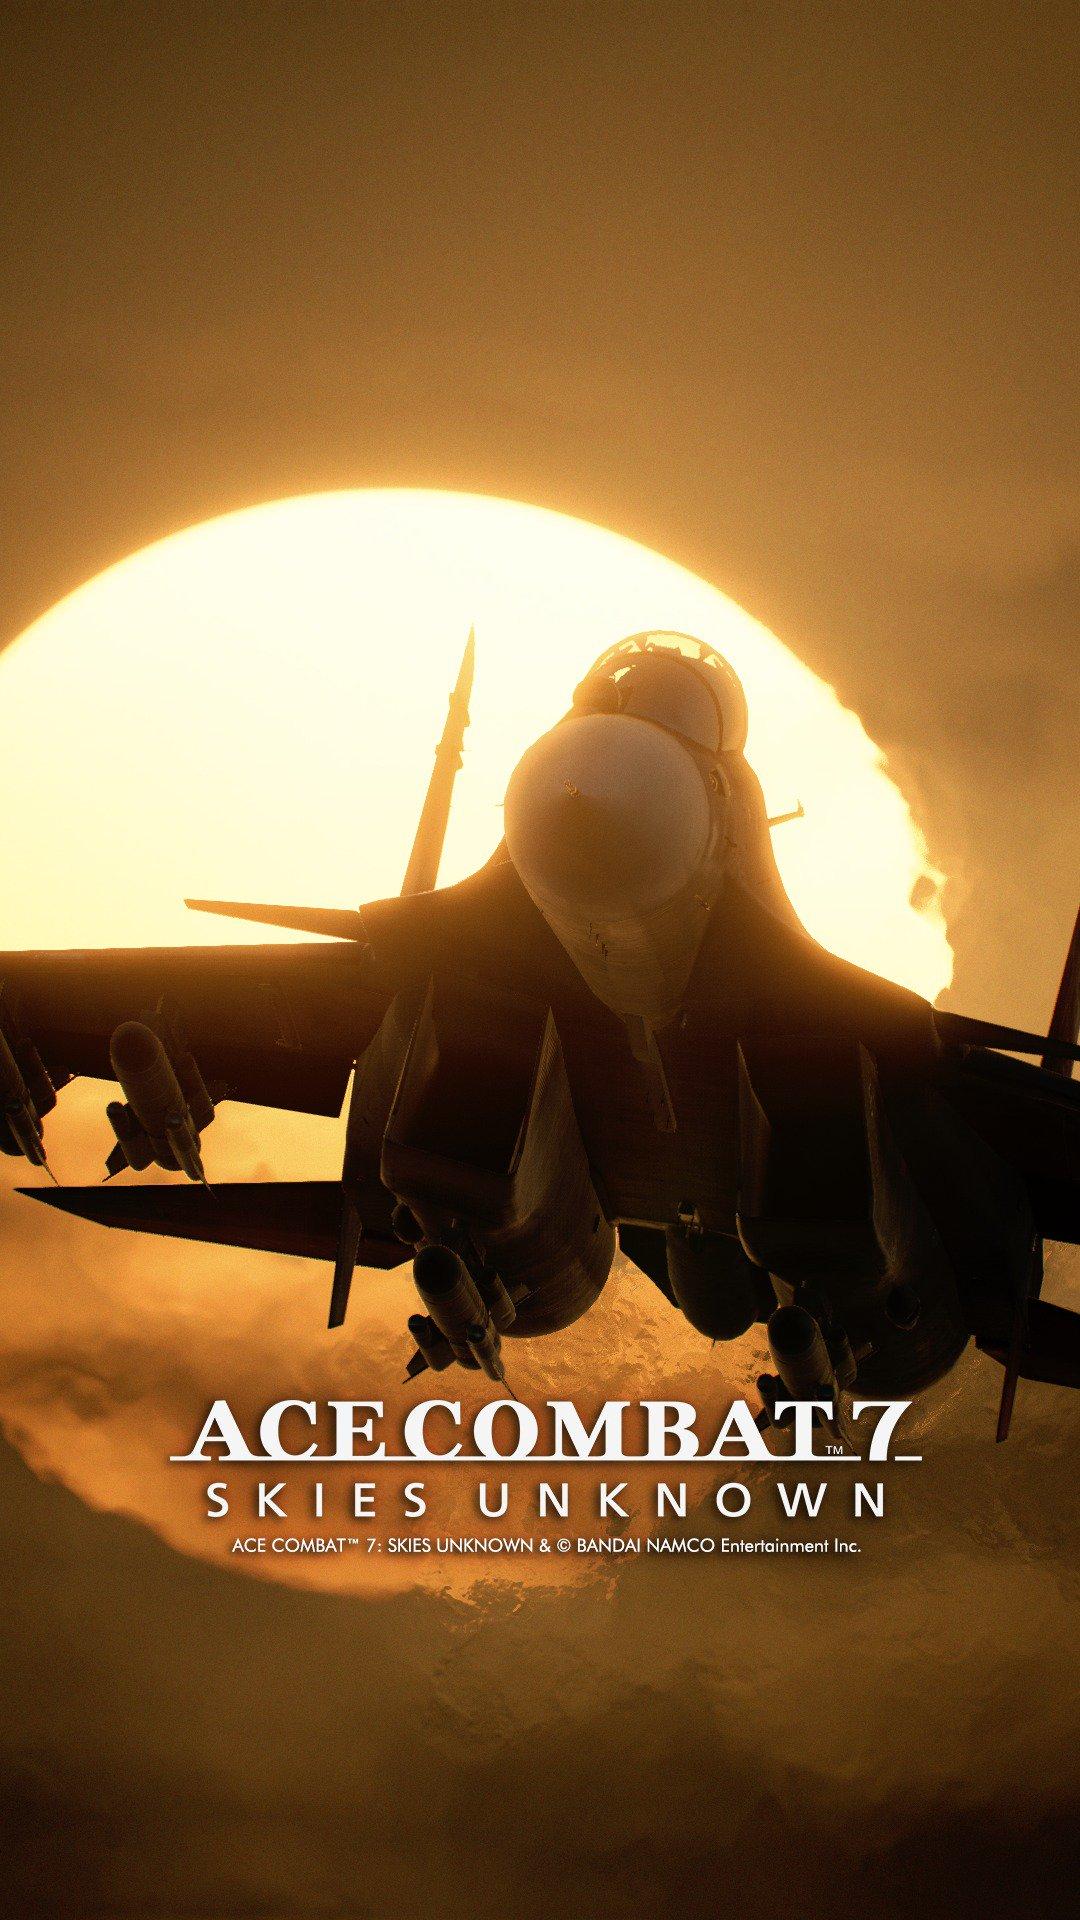 دو تصویر جدید و زیبا از بازی Ace Combat 7 منتشر شد